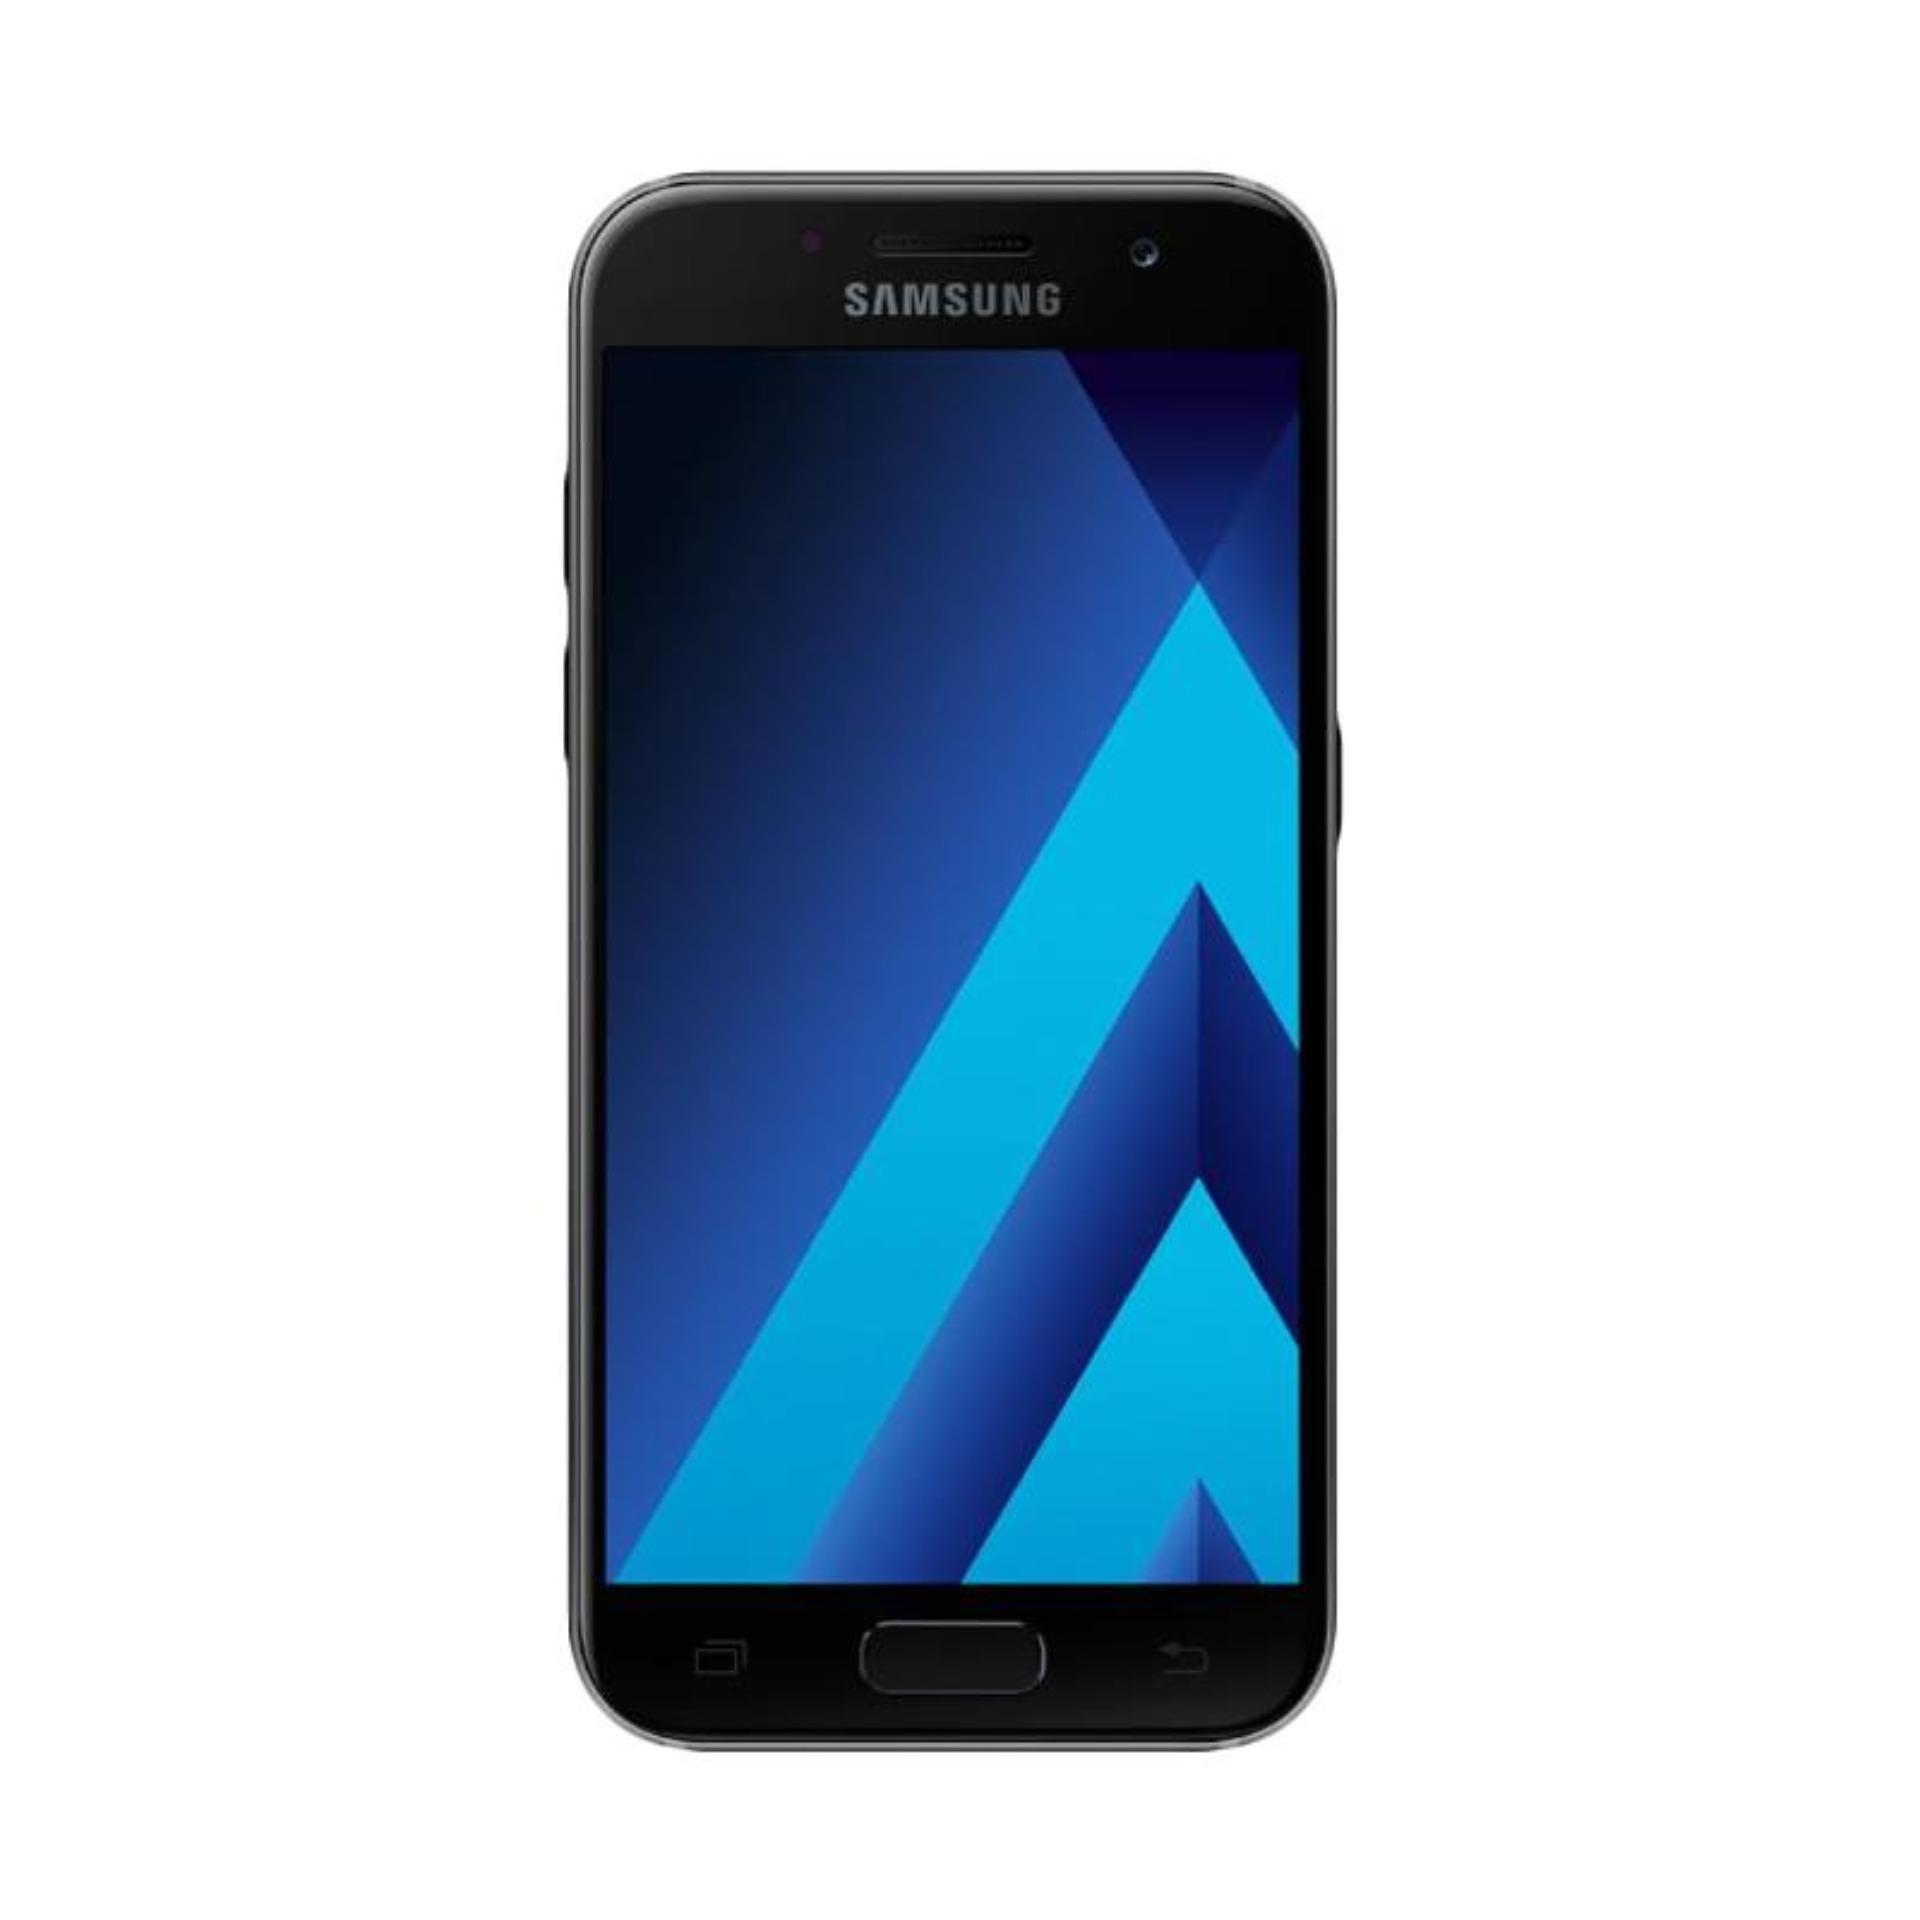 Samsung A3 2017 SM-320 Smartphone - Black